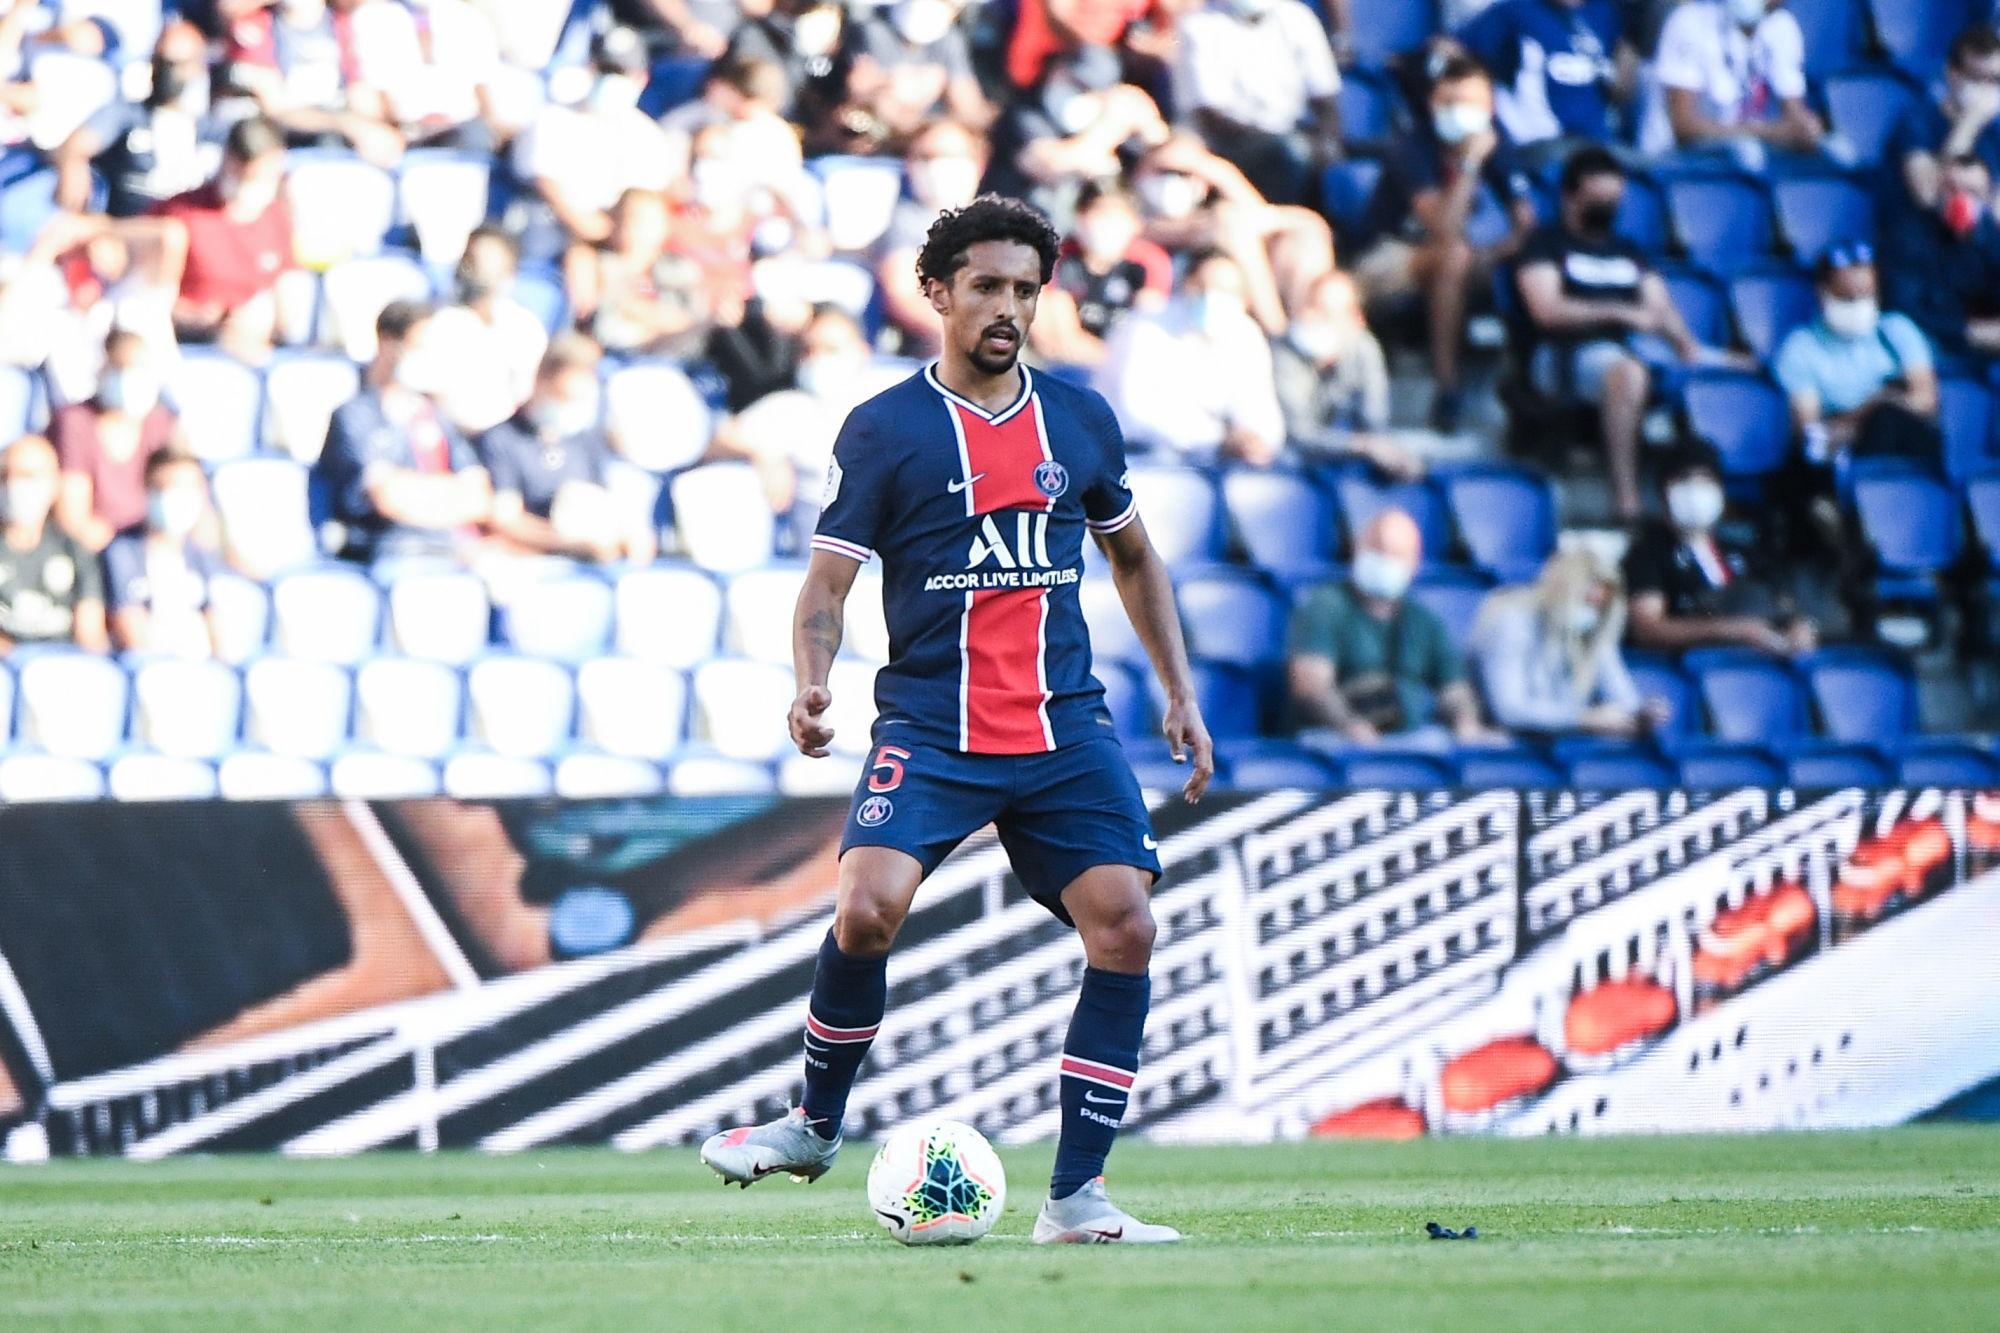 """Marquinhos pense à finir sa carrière au PSG """"j'espère rester le plus longtemps possible"""""""